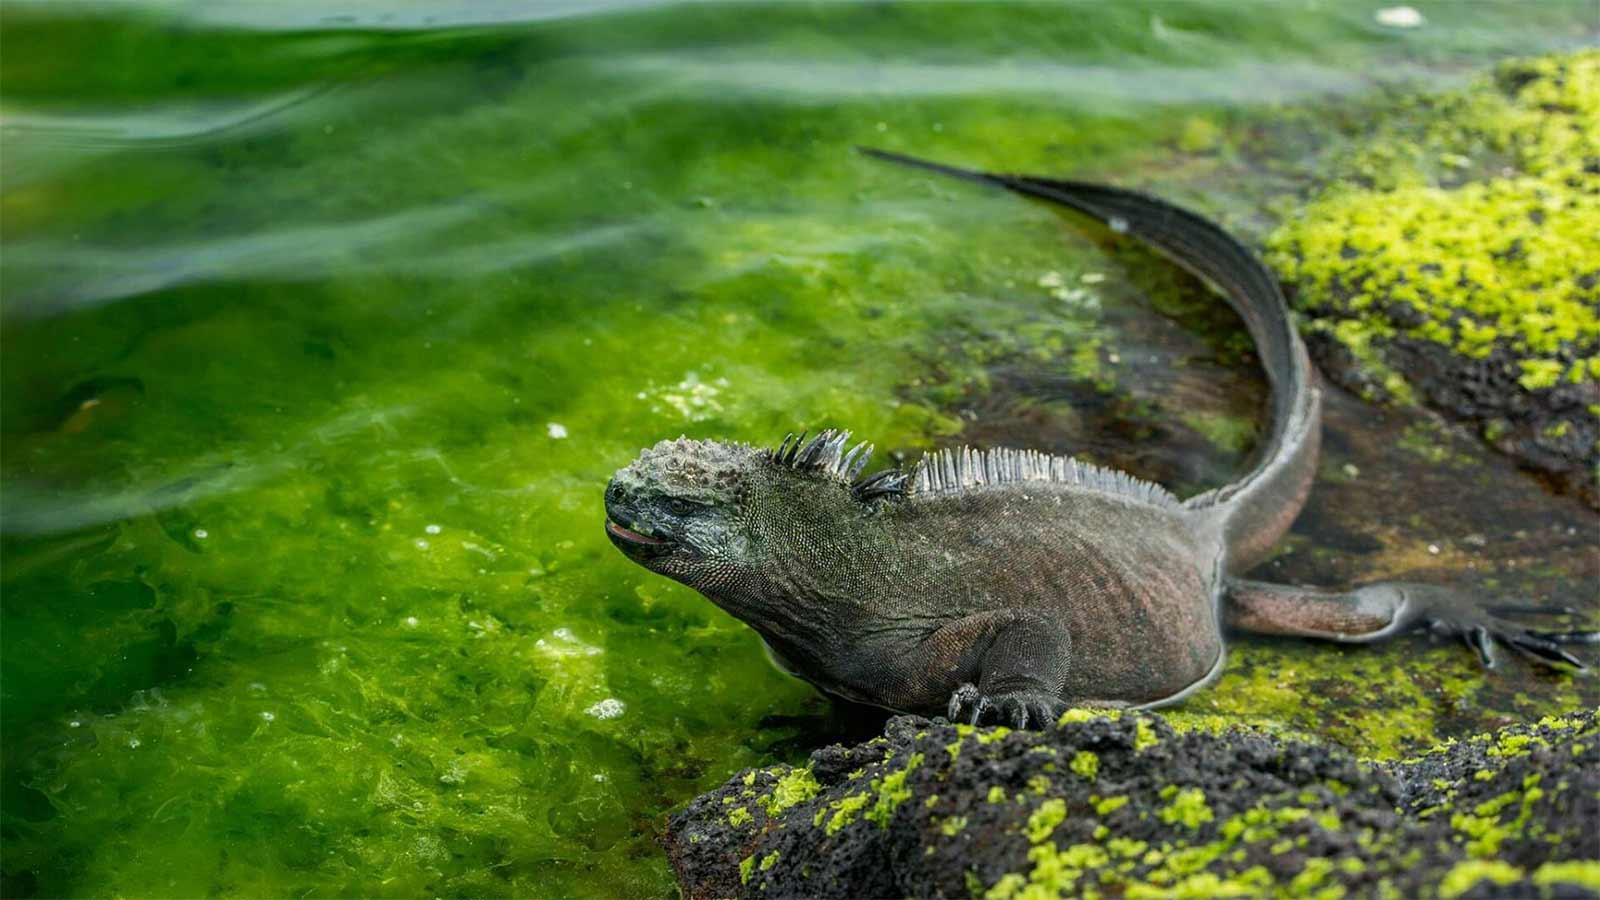 La iguana y otras especies de animales de Islas Galápagos se sienten libres de nuevo, todo gracias a la pandemia del coronavirus.